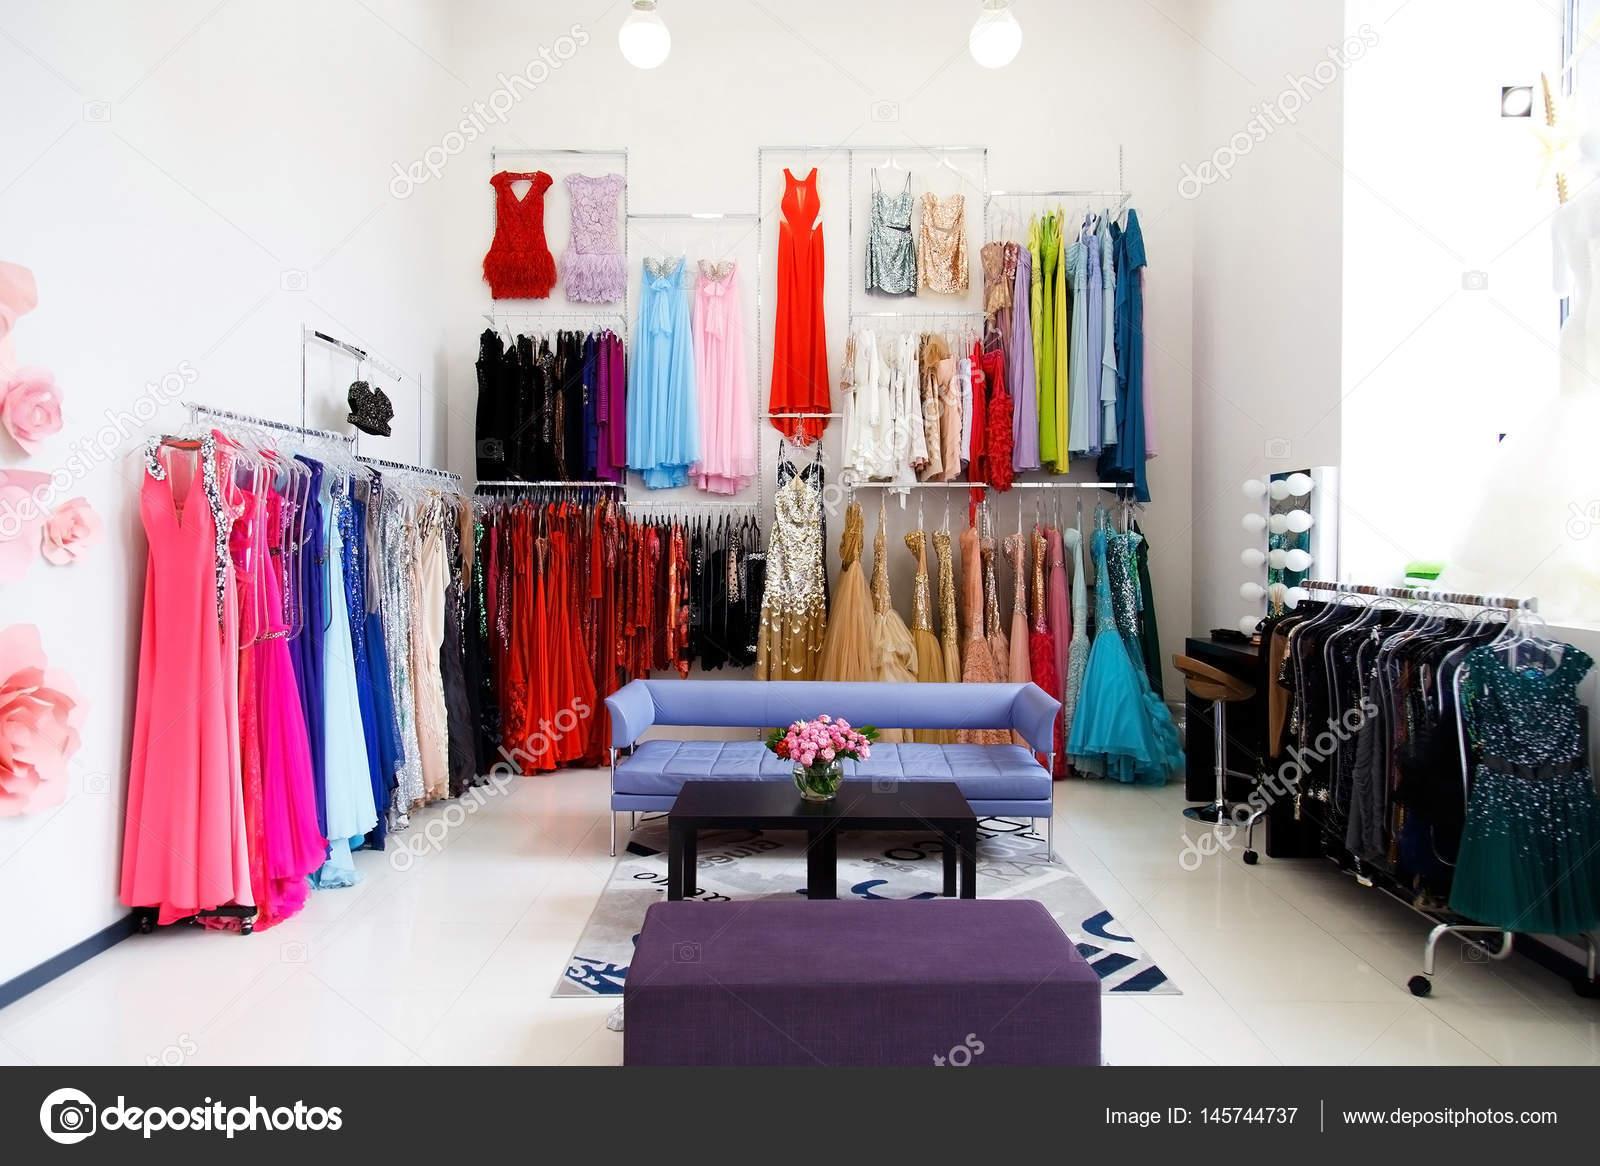 Tienda De Ropa Con Vestidos De Noche Foto De Stock